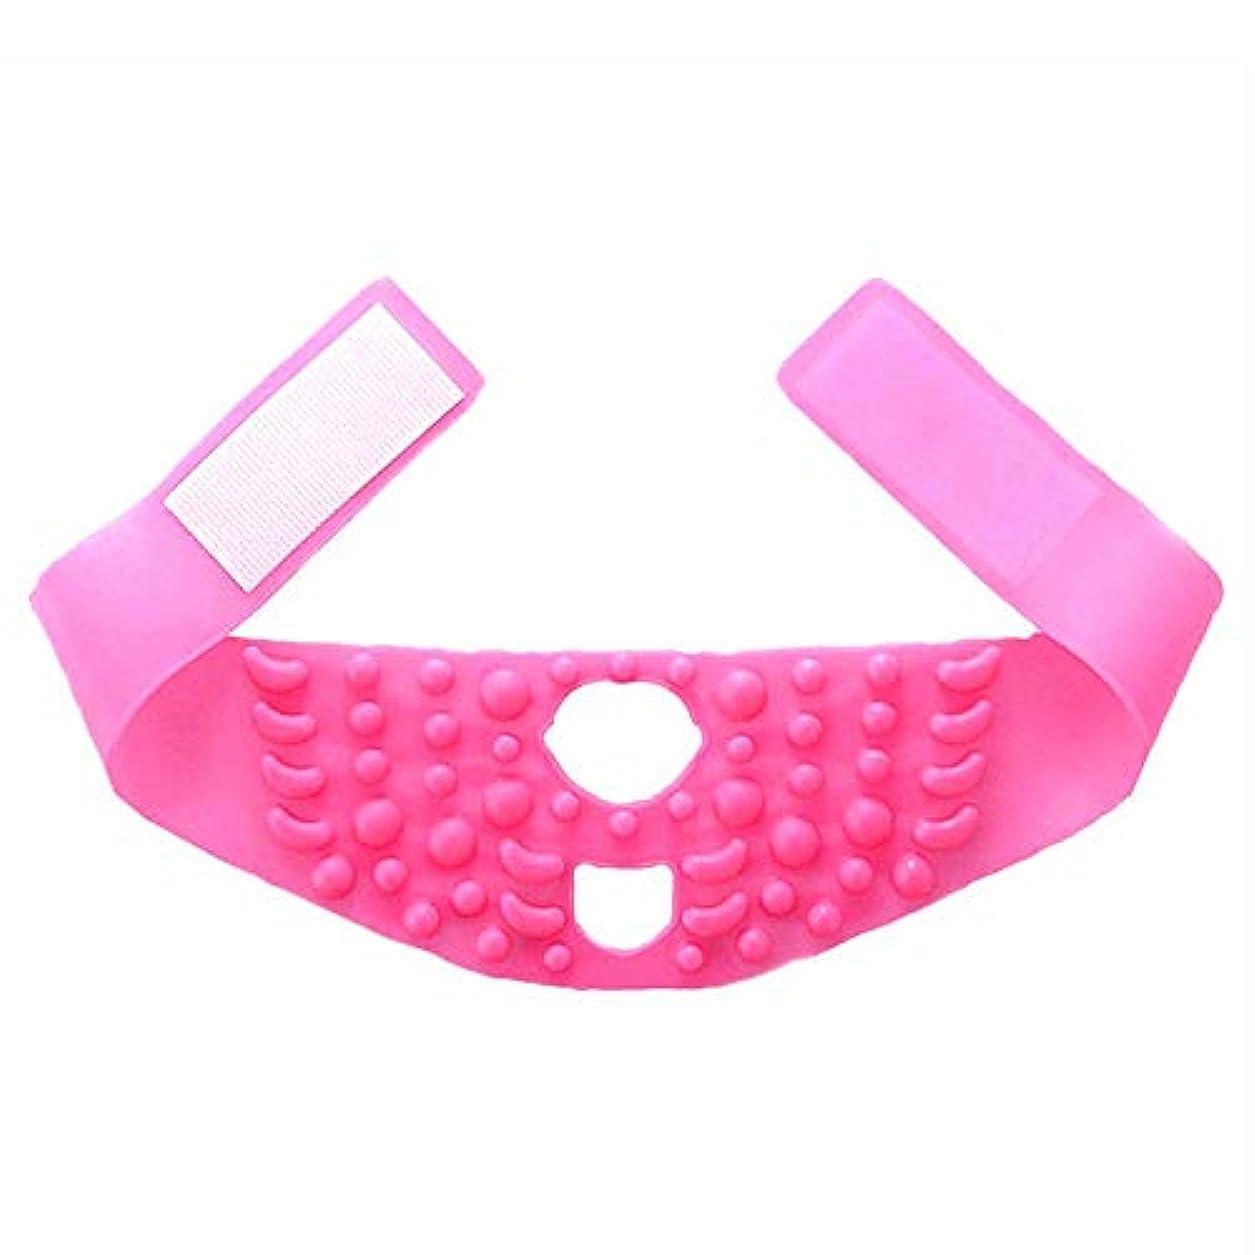 本質的ではない飾り羽不十分なMinmin シンフェイスマスクシリコーンマッサージ引き締まった形の小さなVフェイスリフティングに薄いフェイスアーティファクト包帯を飾る - ピンク みんみんVラインフェイスマスク